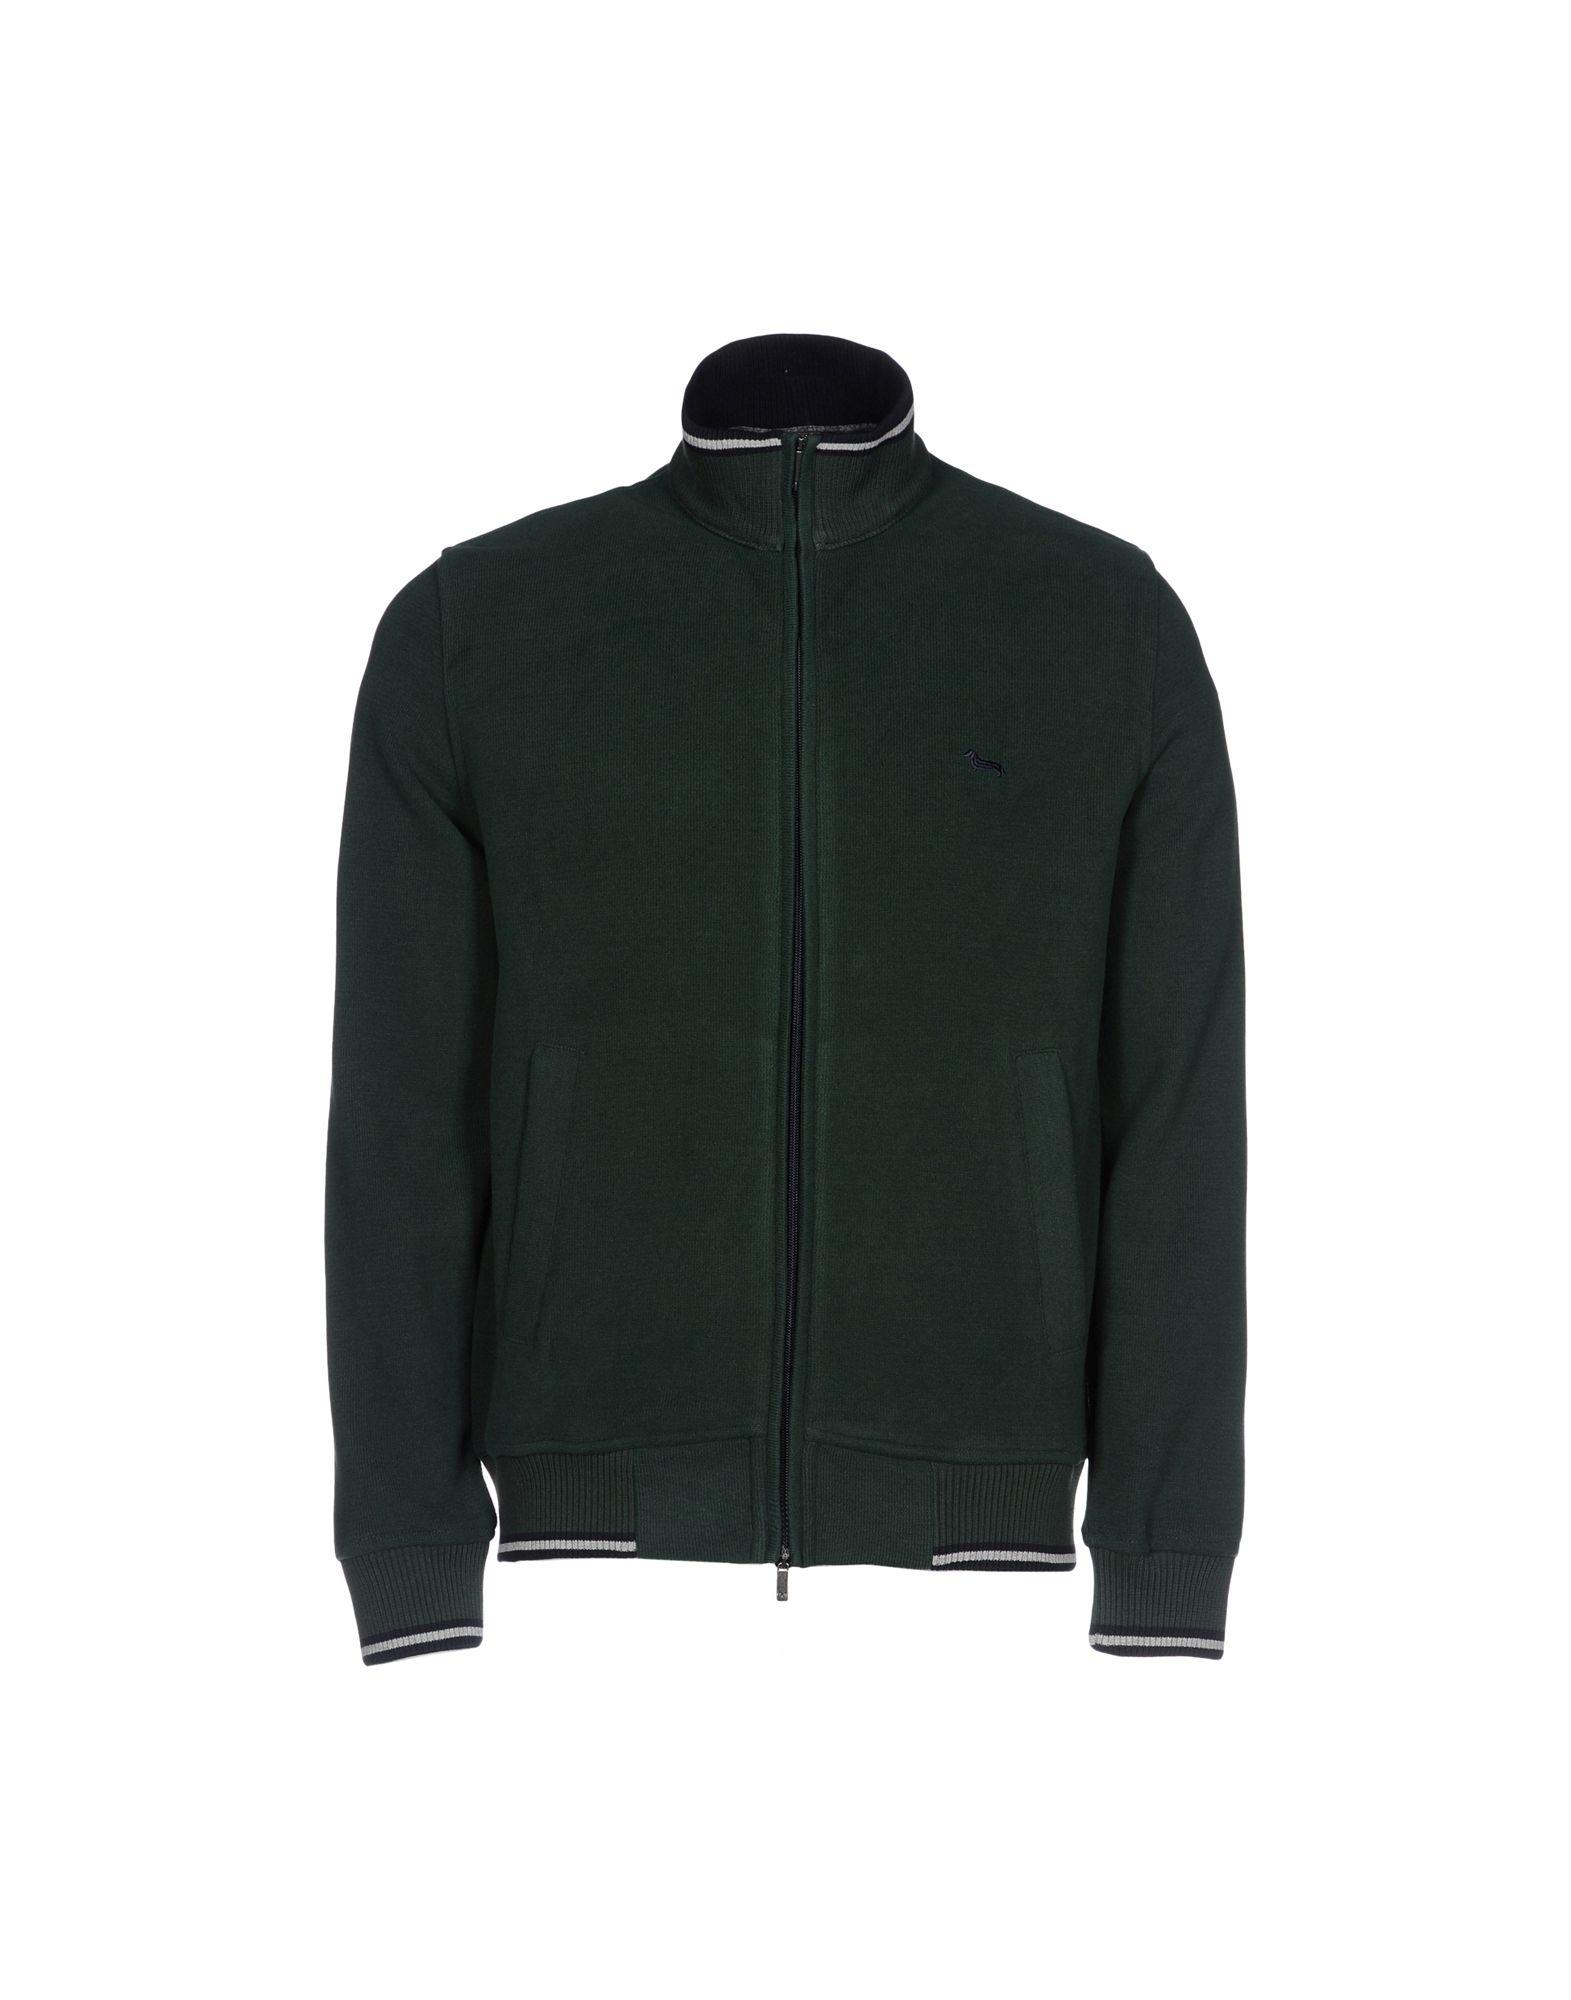 harmont and blaine jacket - photo #26